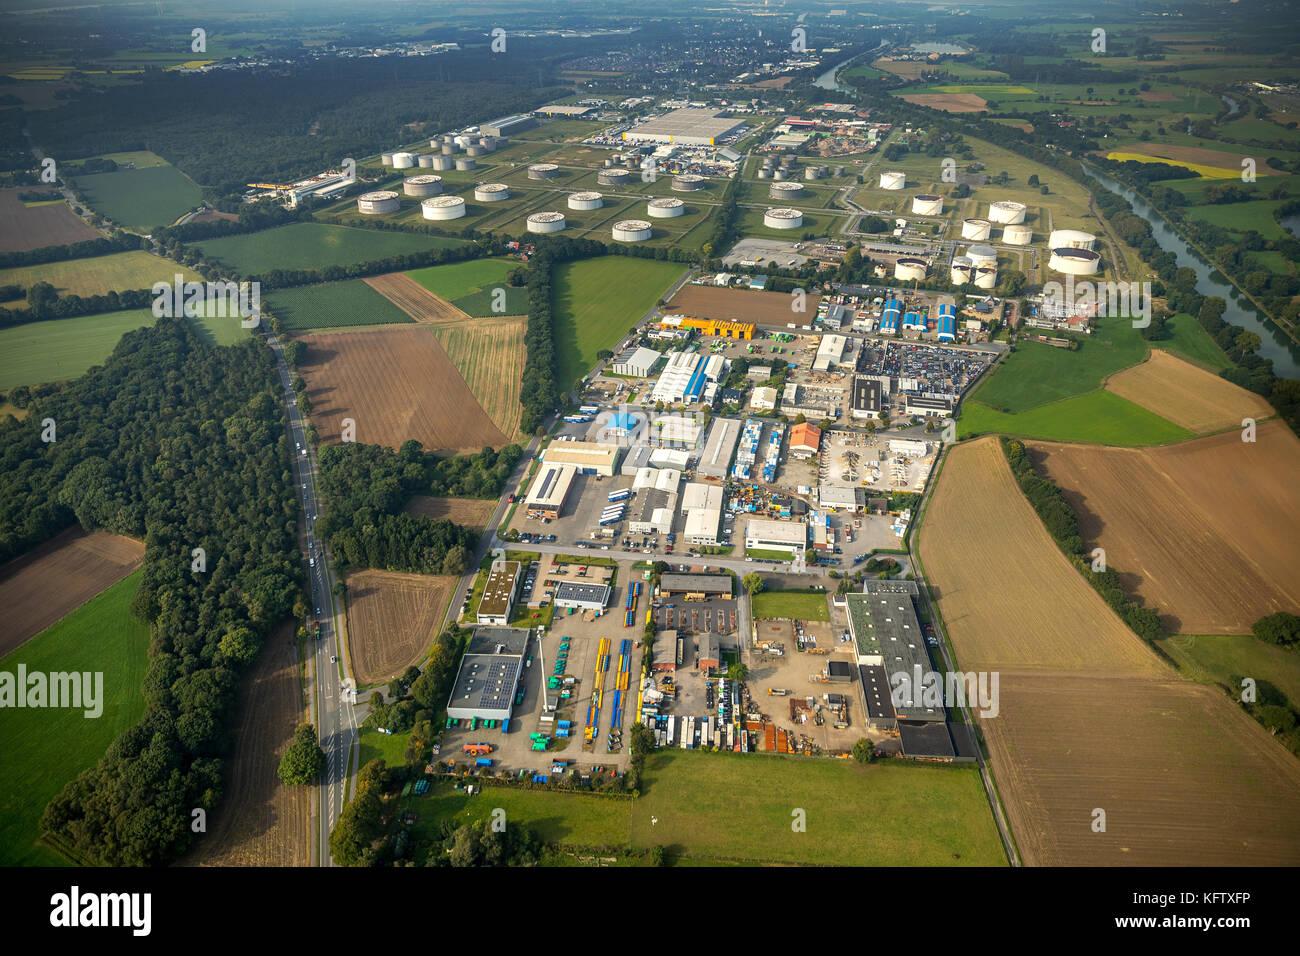 Deu Group Stock Photos & Deu Group Stock Images - Alamy